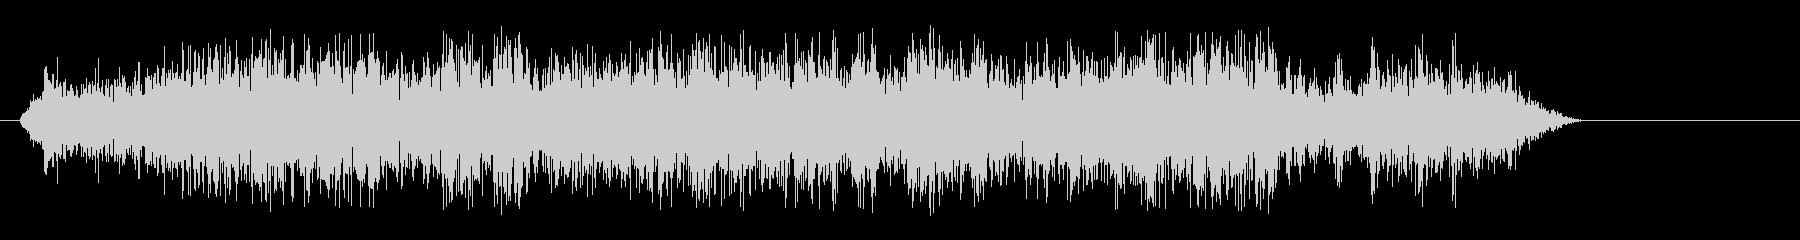 シャーッ(鋭い音色)の未再生の波形